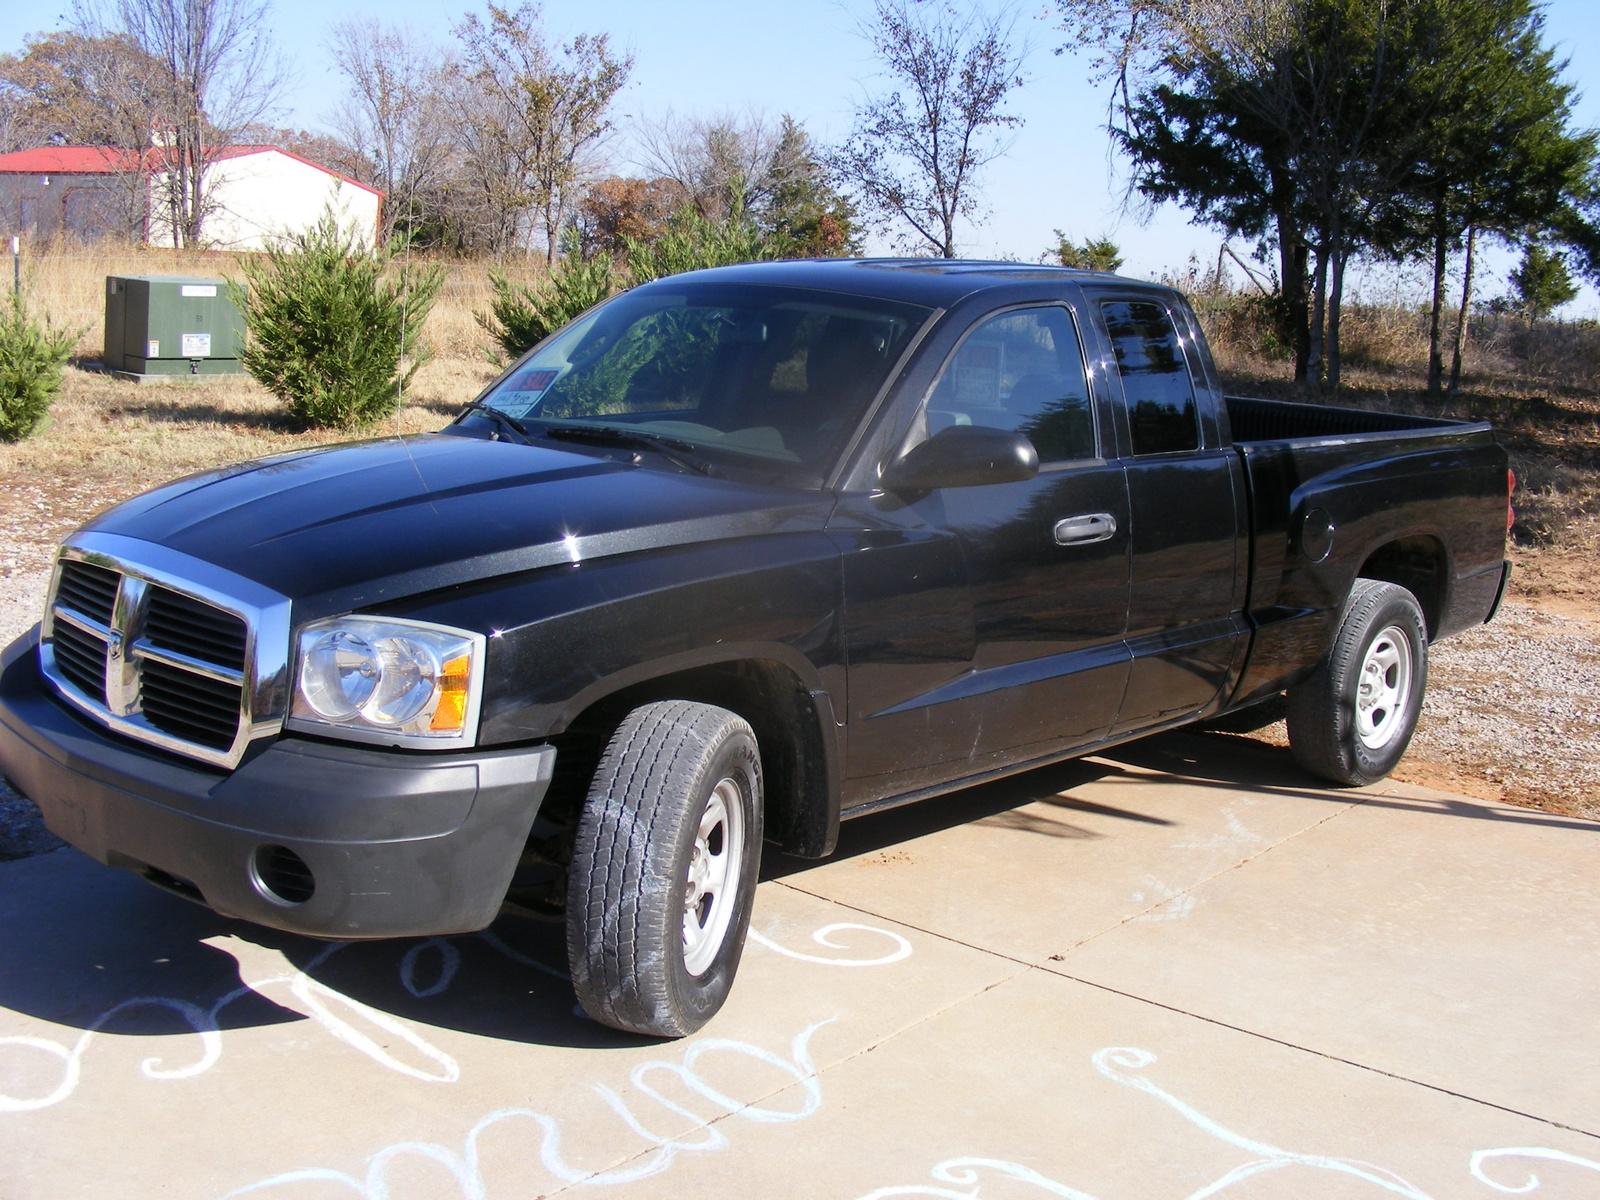 2007 Dodge Dakota St Club Cab Reviews >> 2007 Dodge Dakota - Pictures - CarGurus